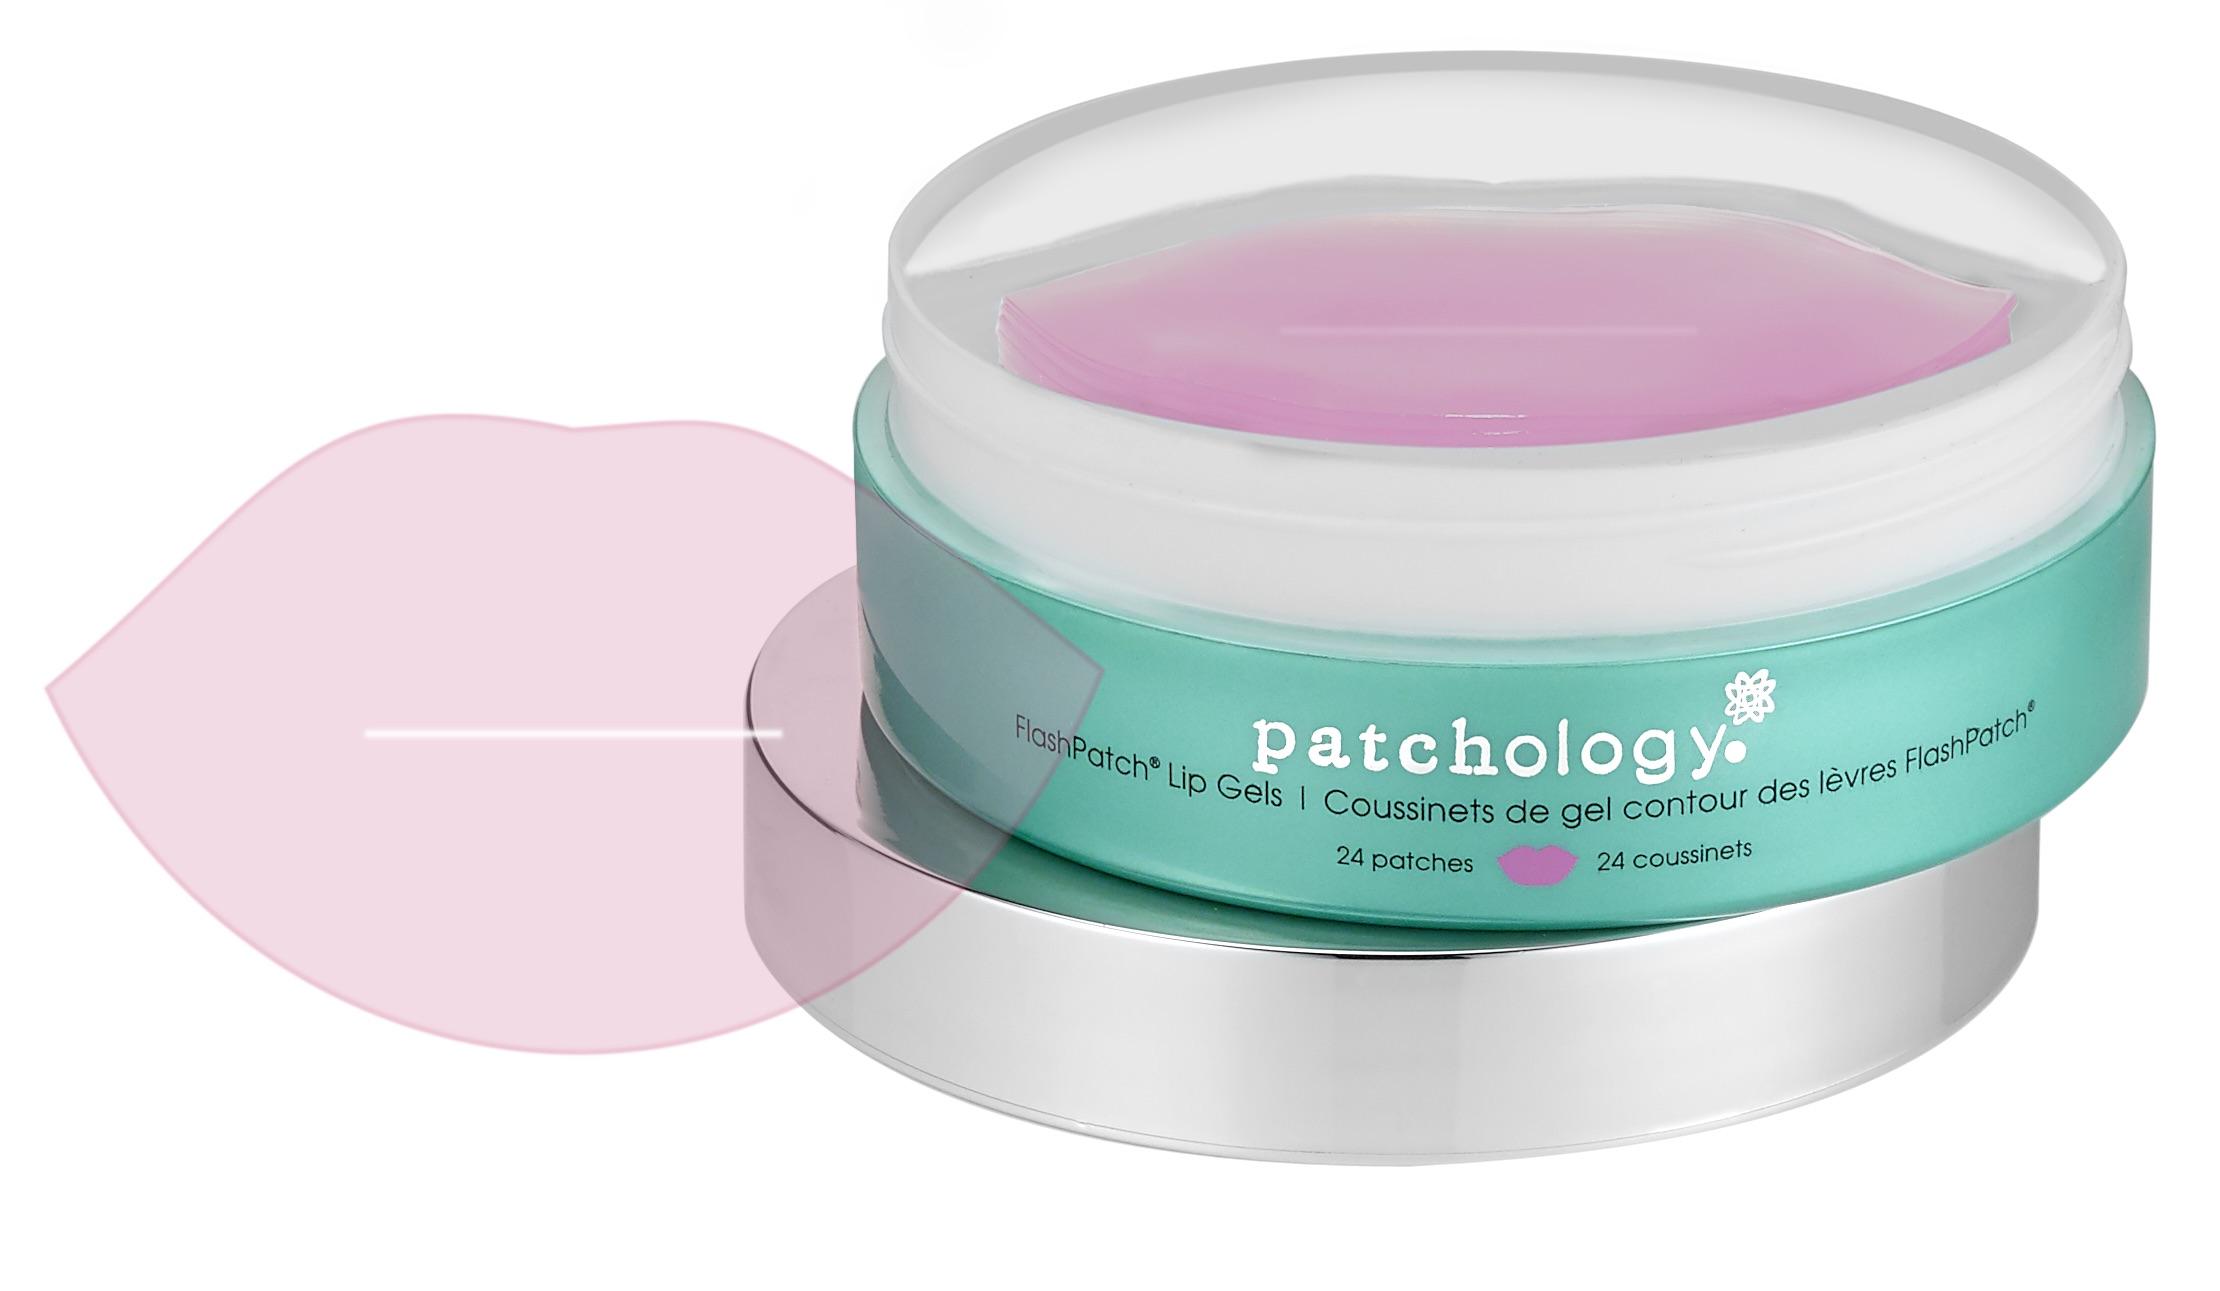 PatchologyFlashPatchLipGels